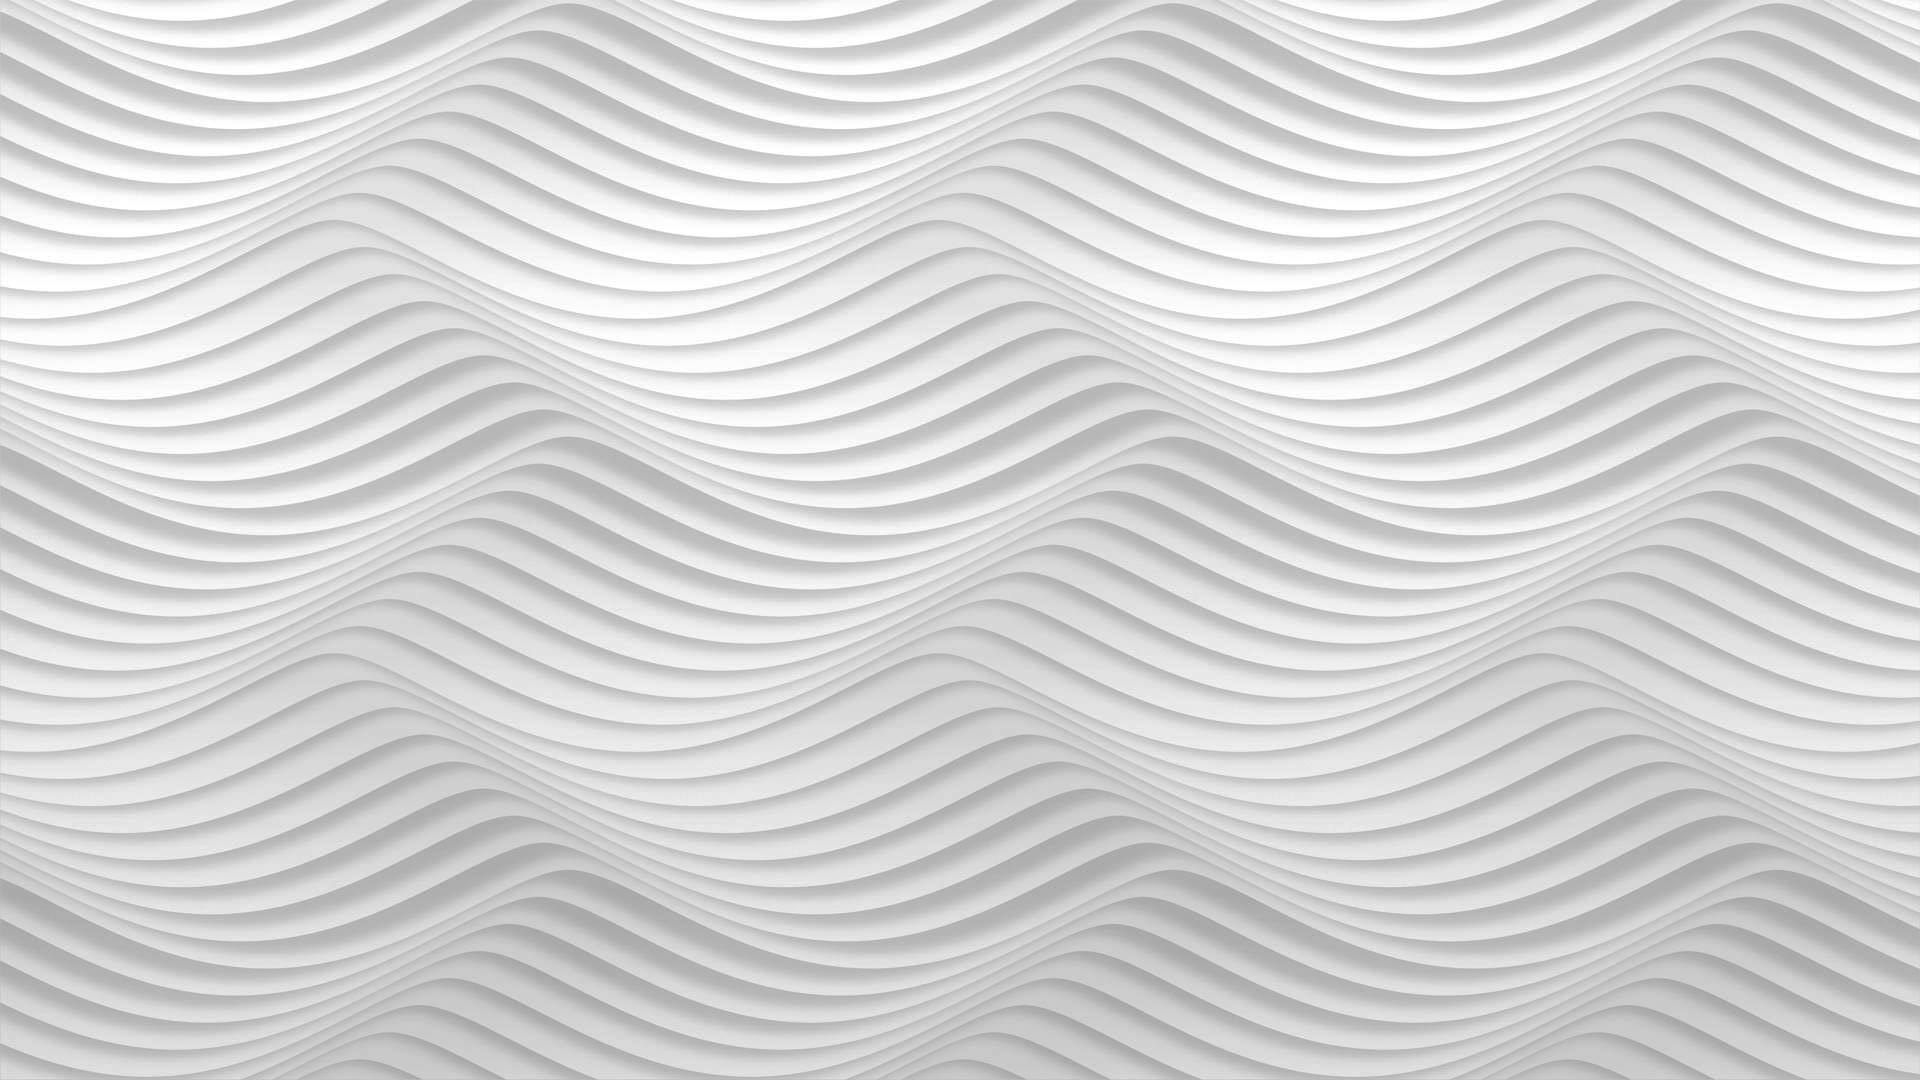 Imagem de ondas brancas sobrepostas